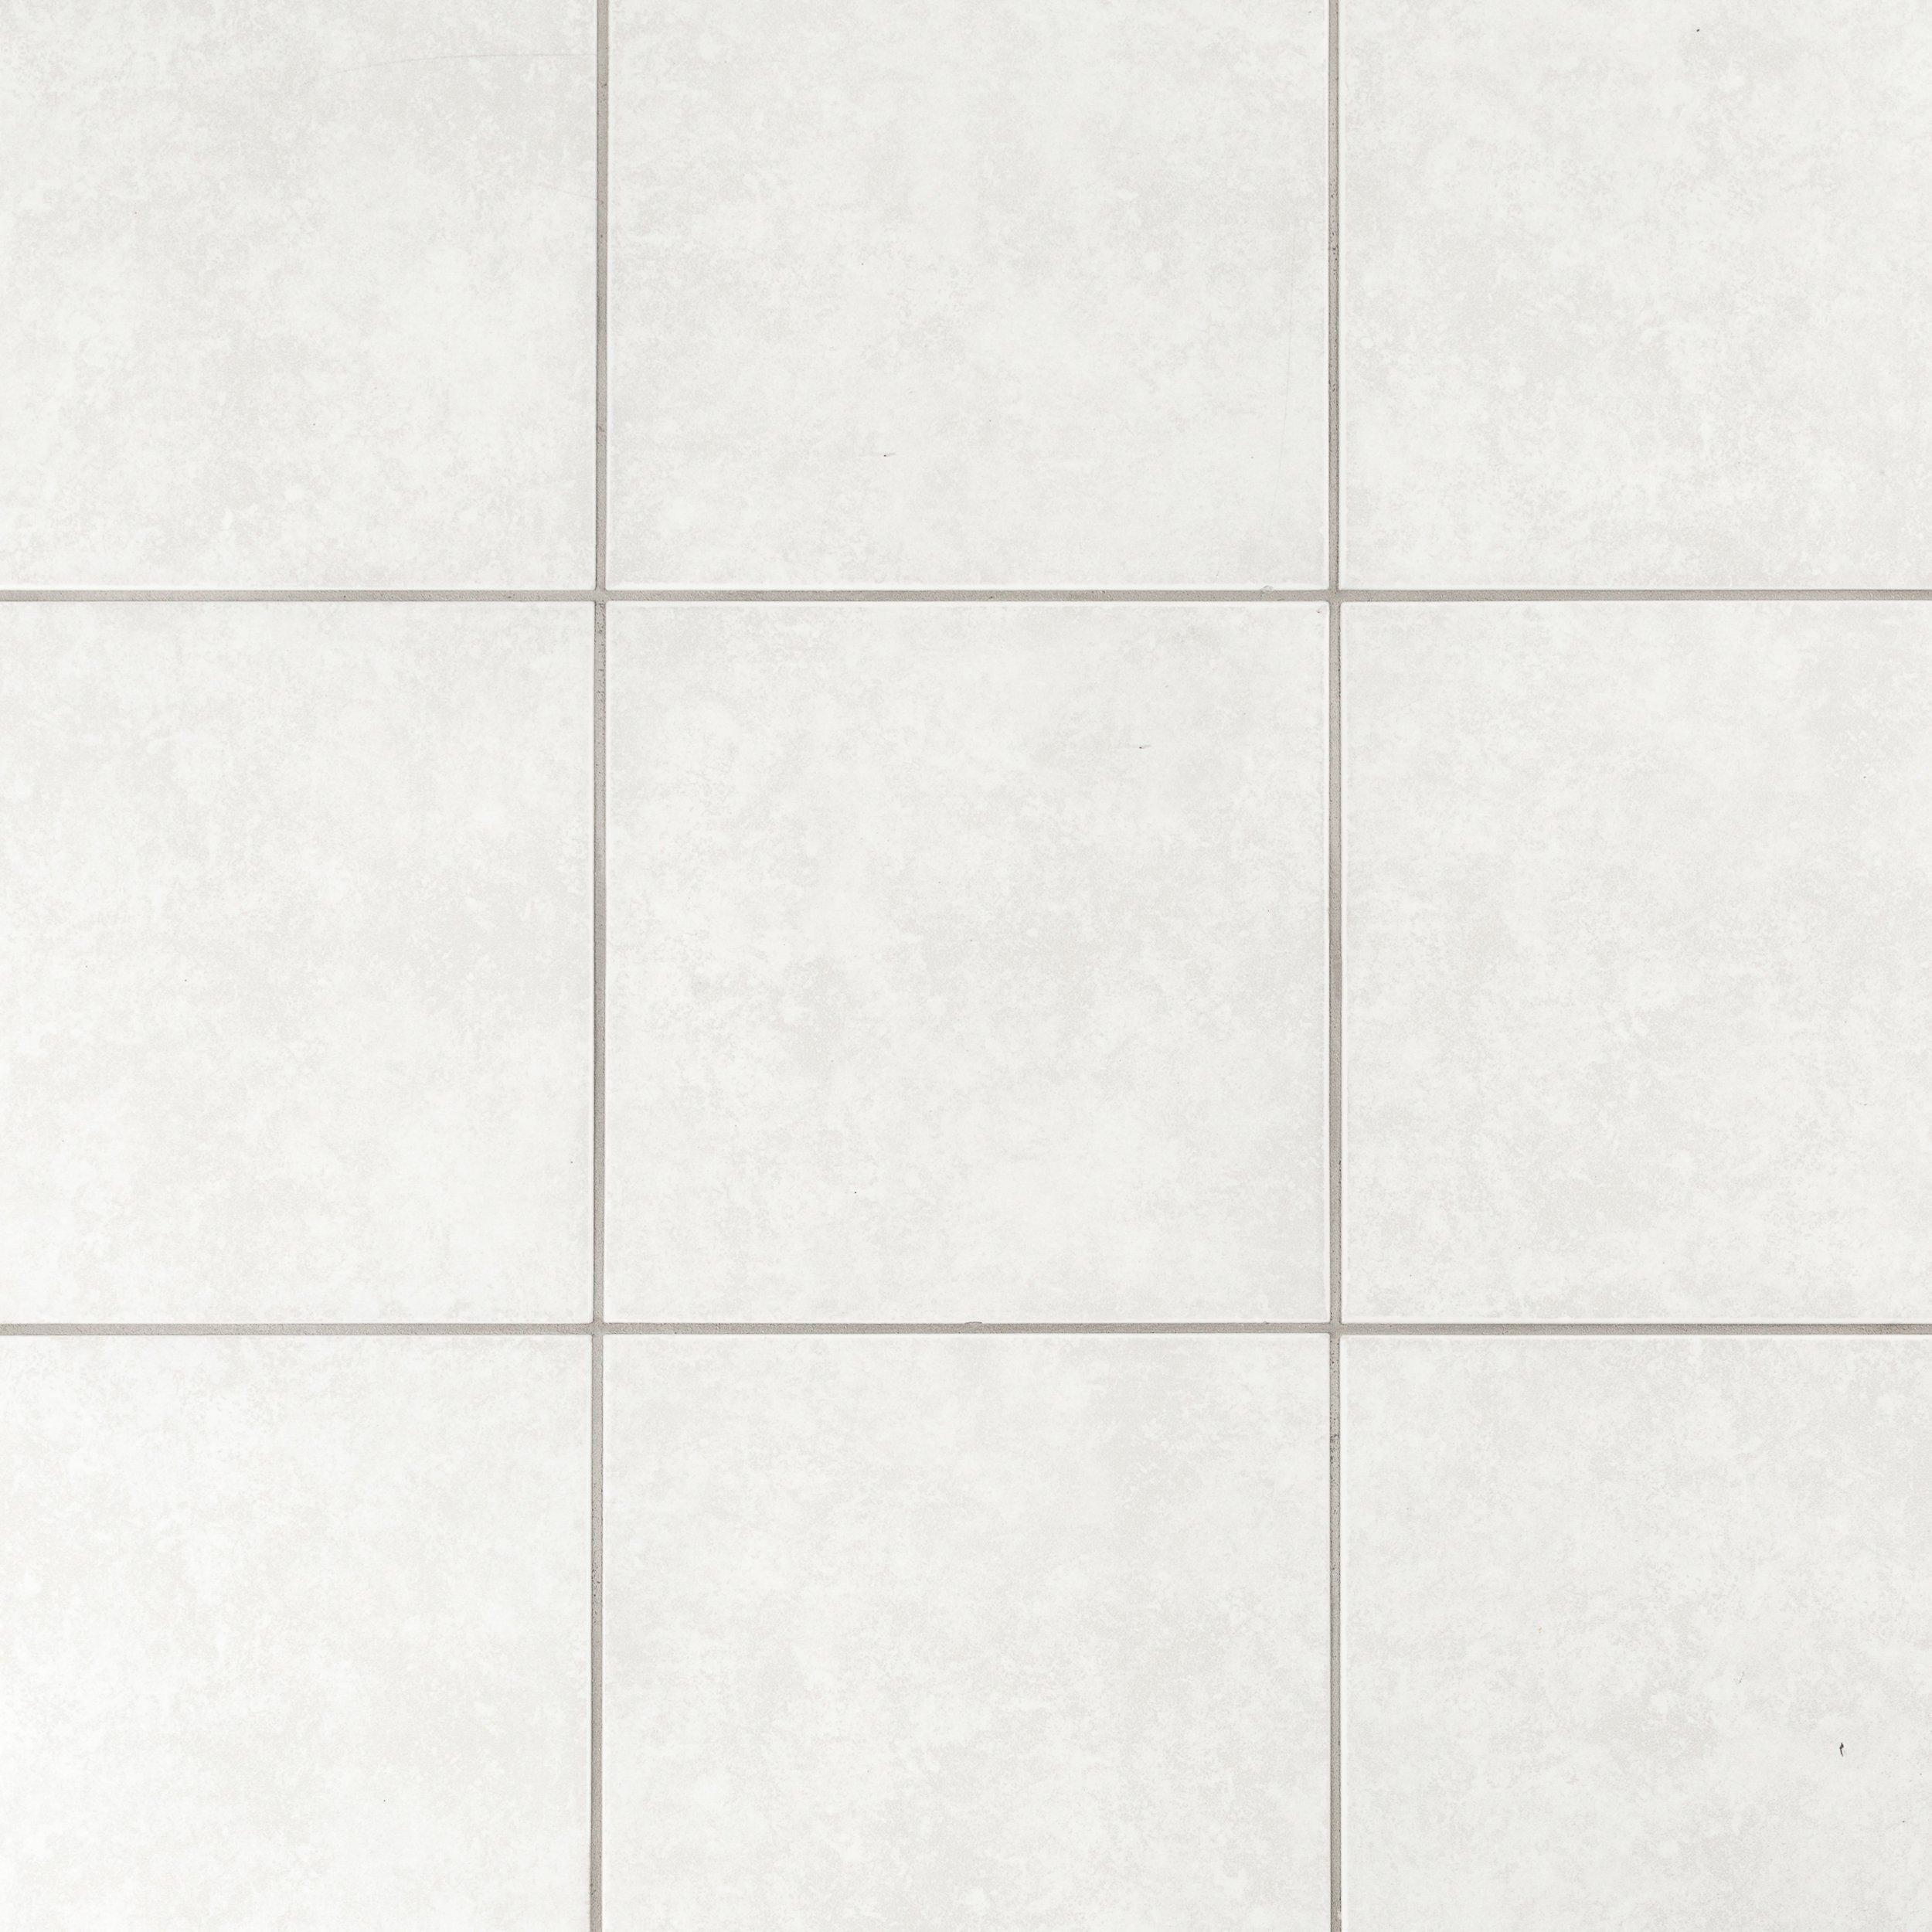 Roma Gris Ceramic Tile Floor Decor In 2020 Ceramic Tiles Stone Look Tile Ceramic Floor Tiles